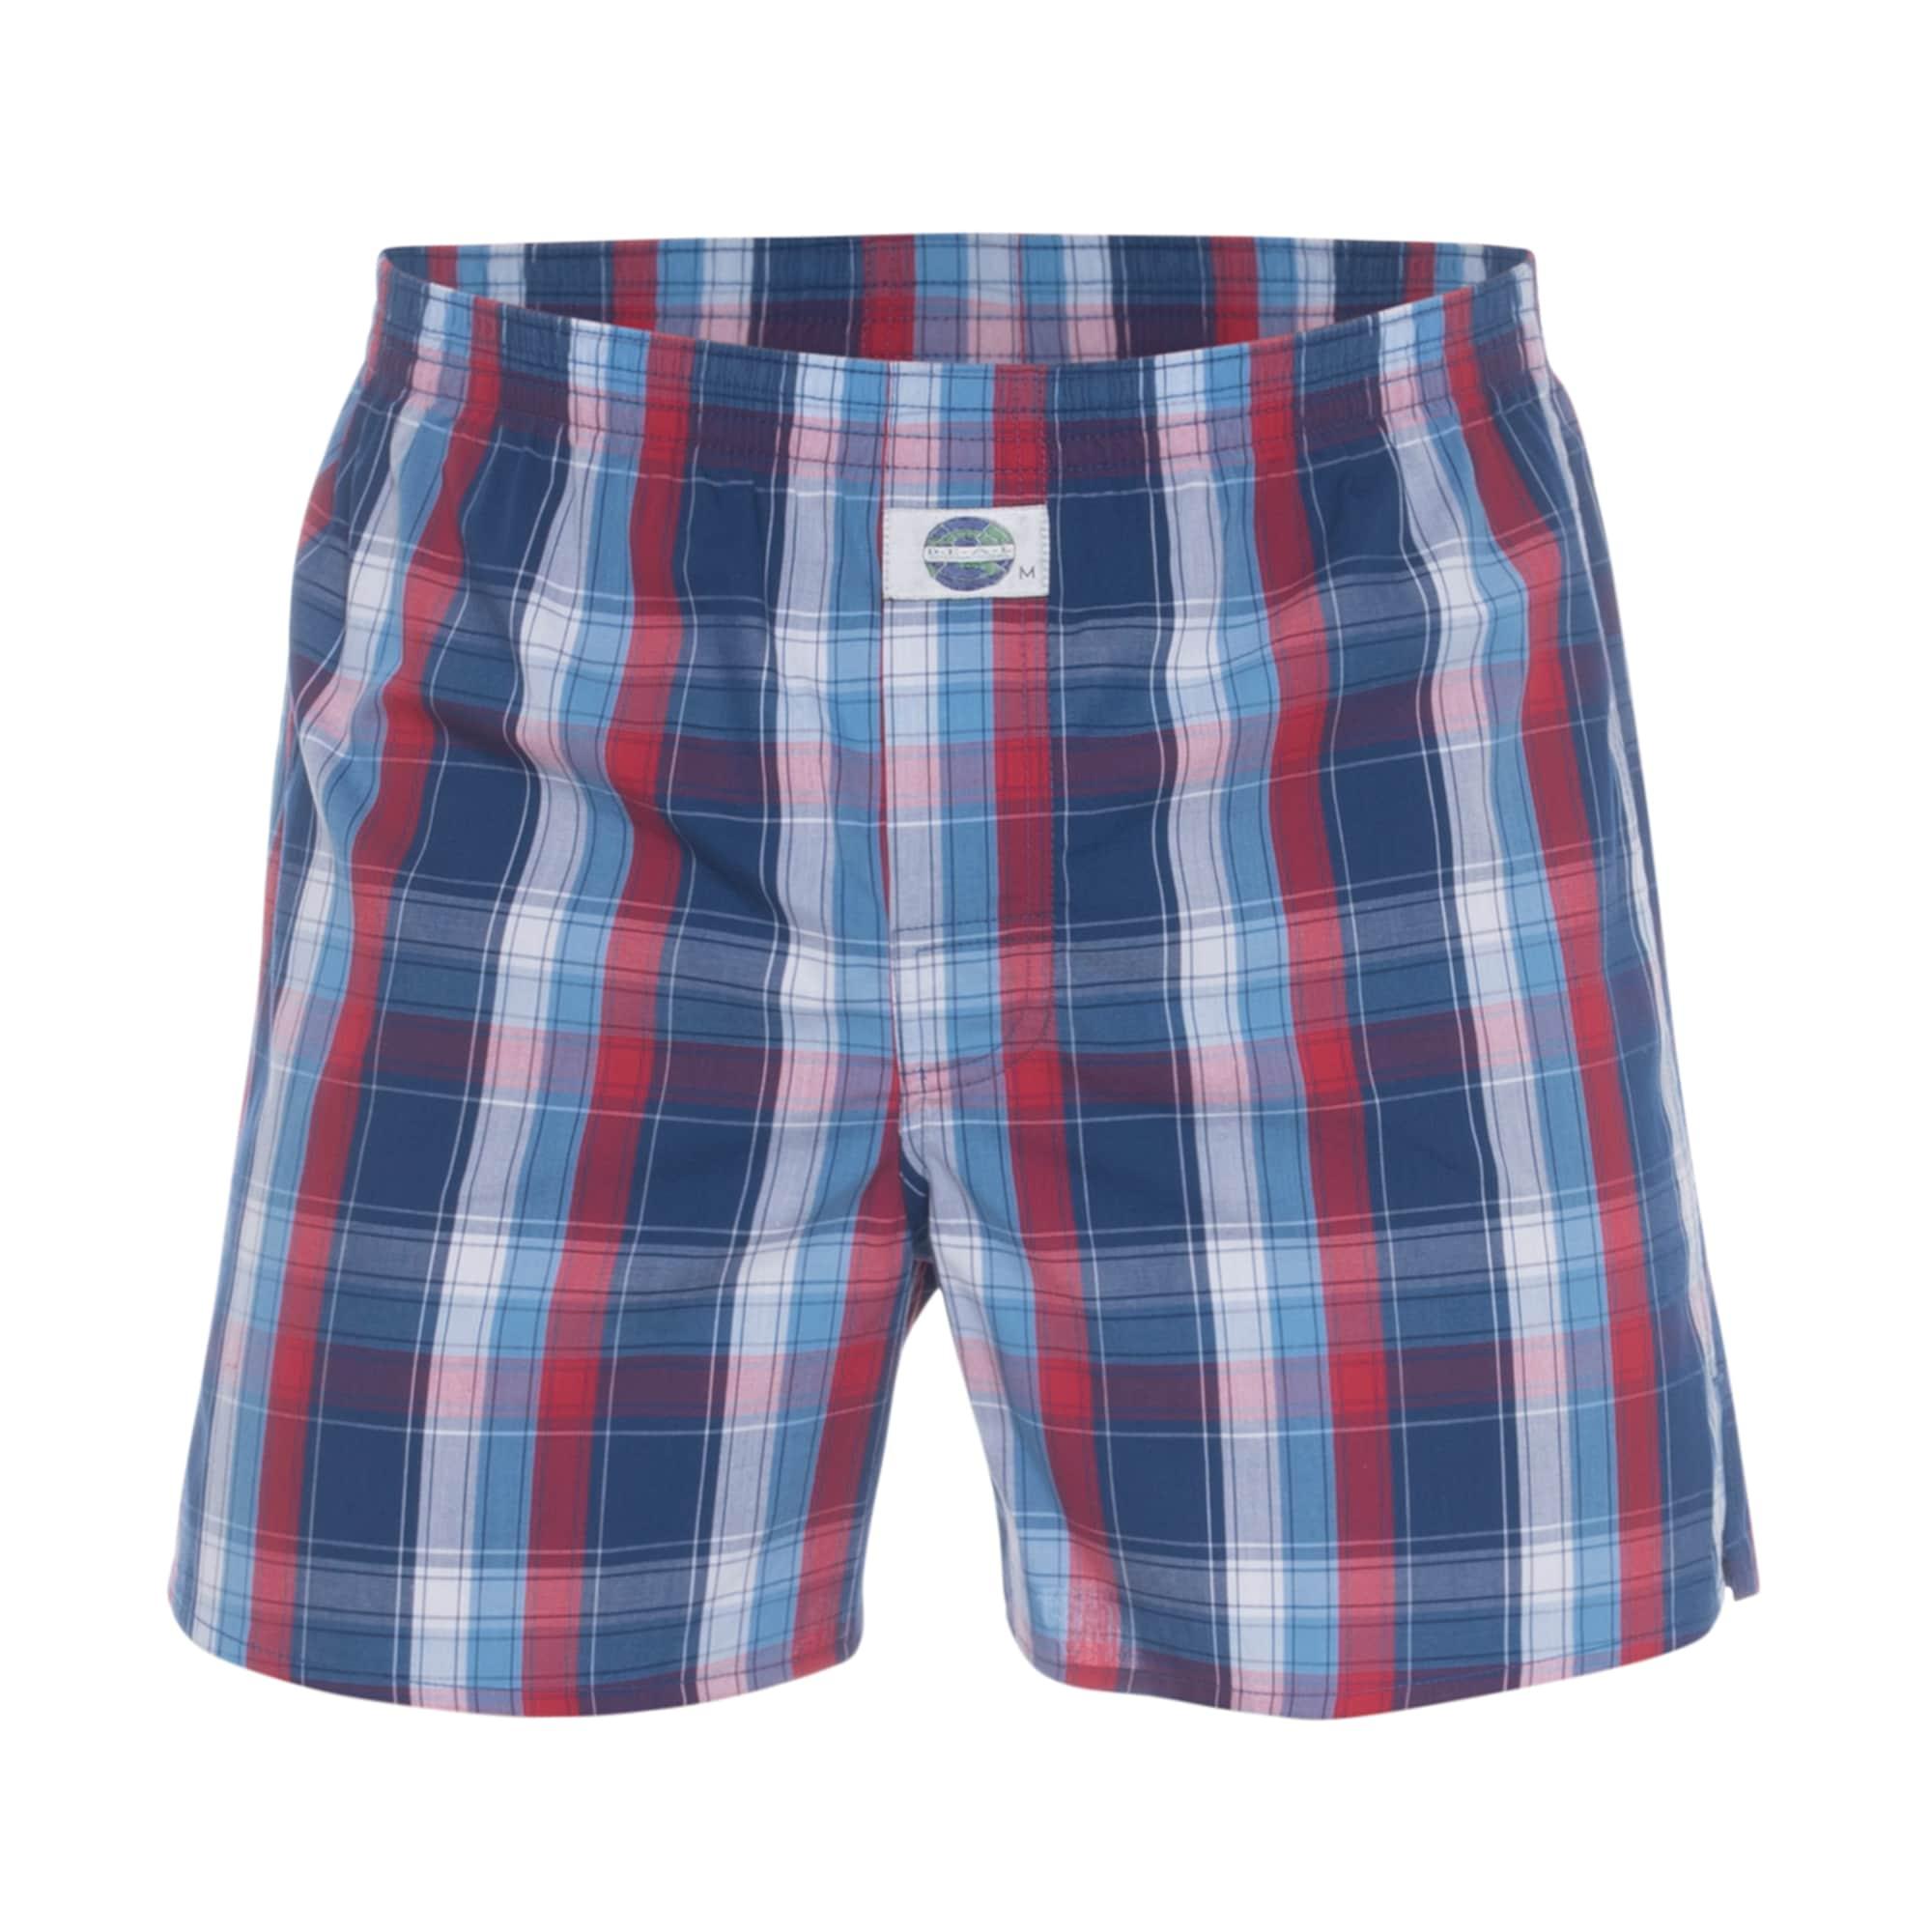 Boxerky Check modrá červená D.E.A.L International